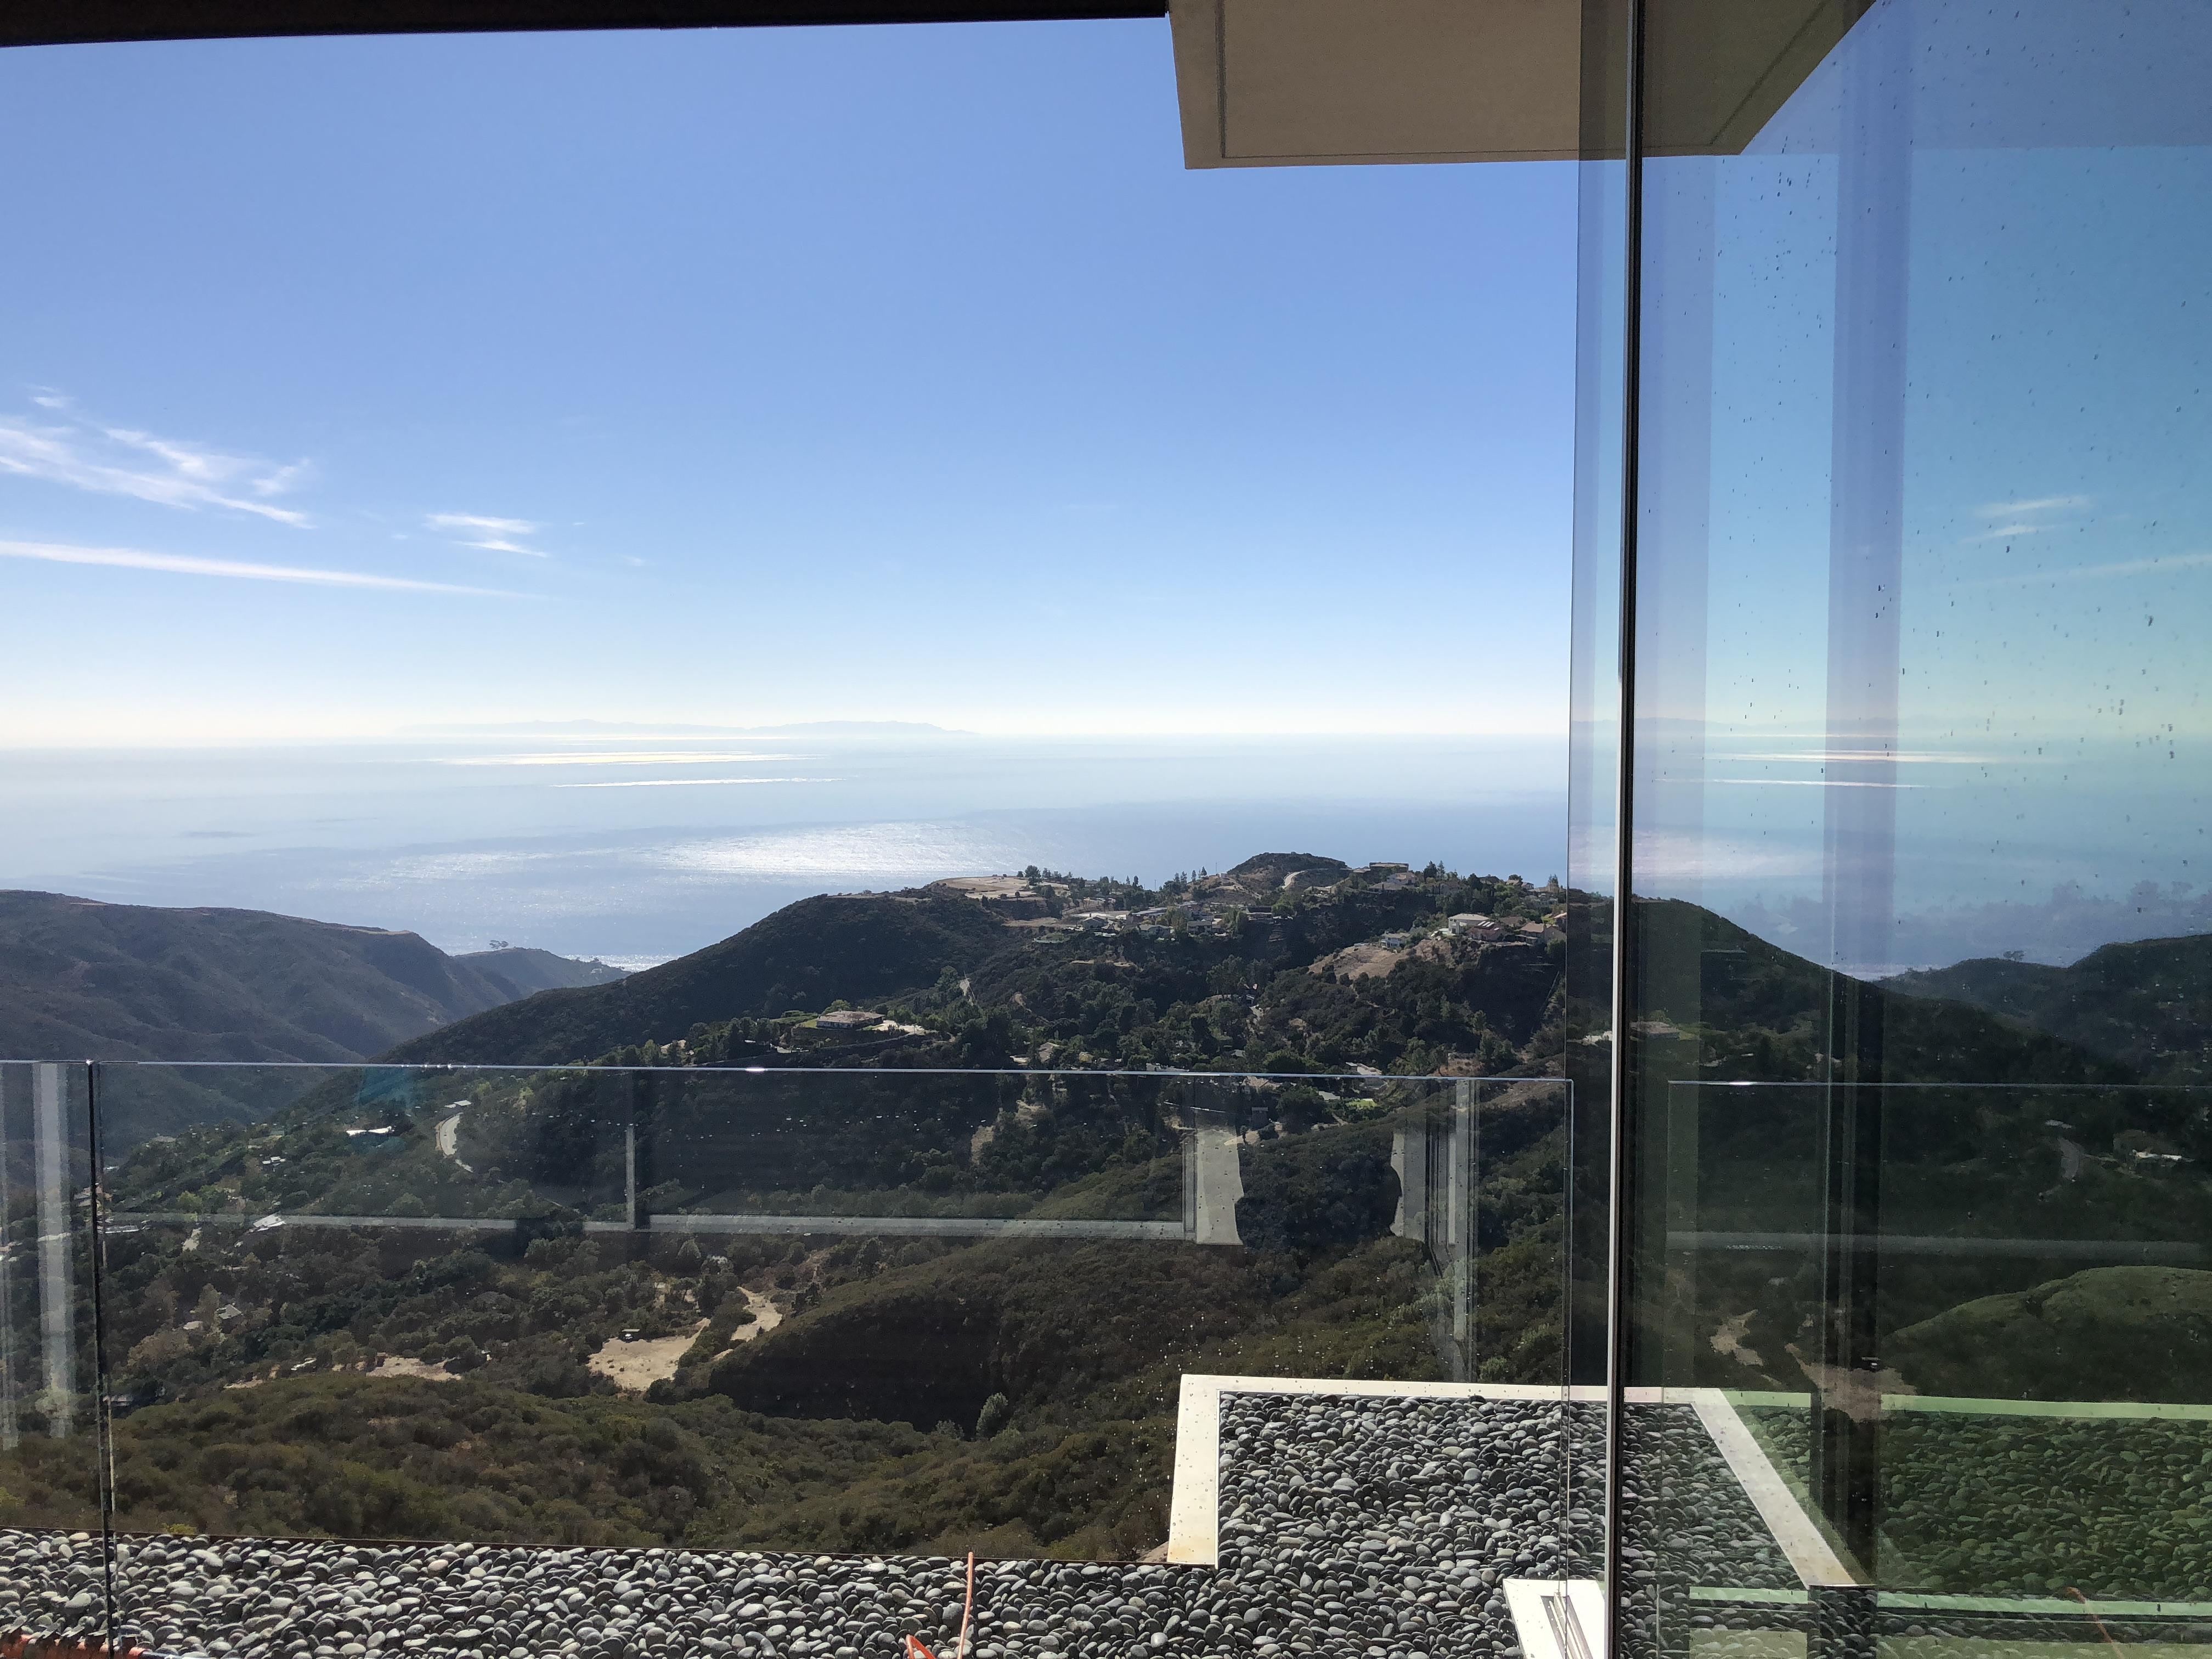 Malibu Hills View